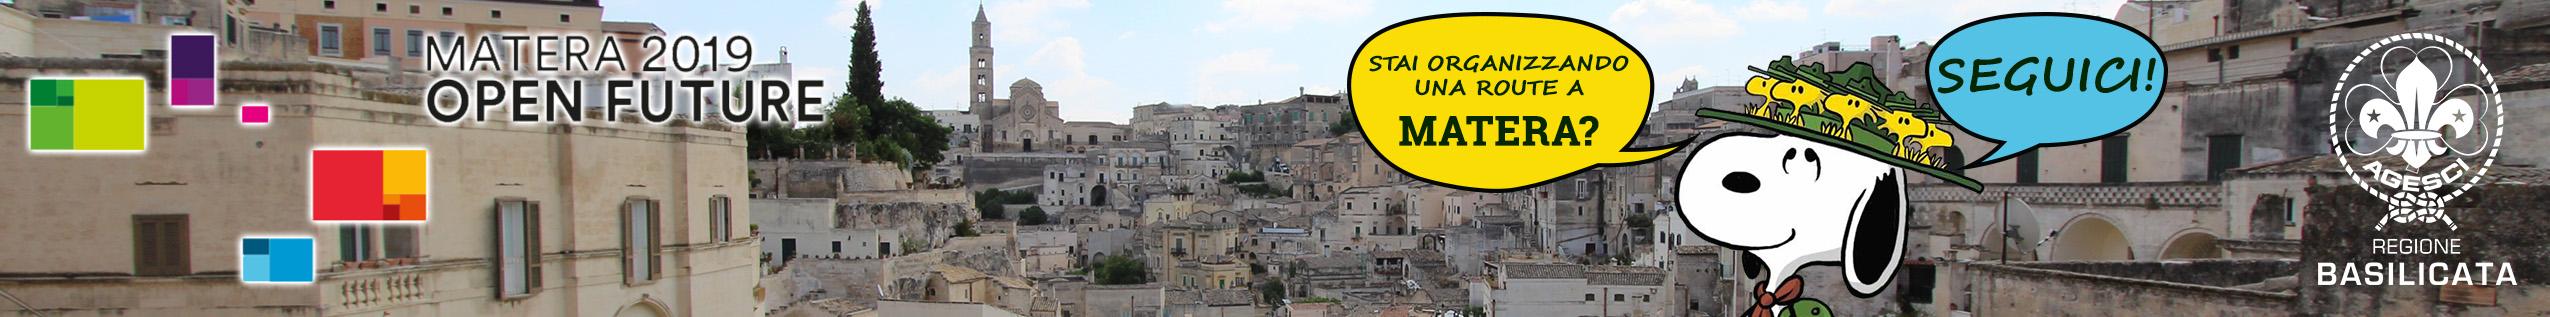 Se hai bisogno di aiuto per organizzare la route a Matera, possiamo aiutarti noi!